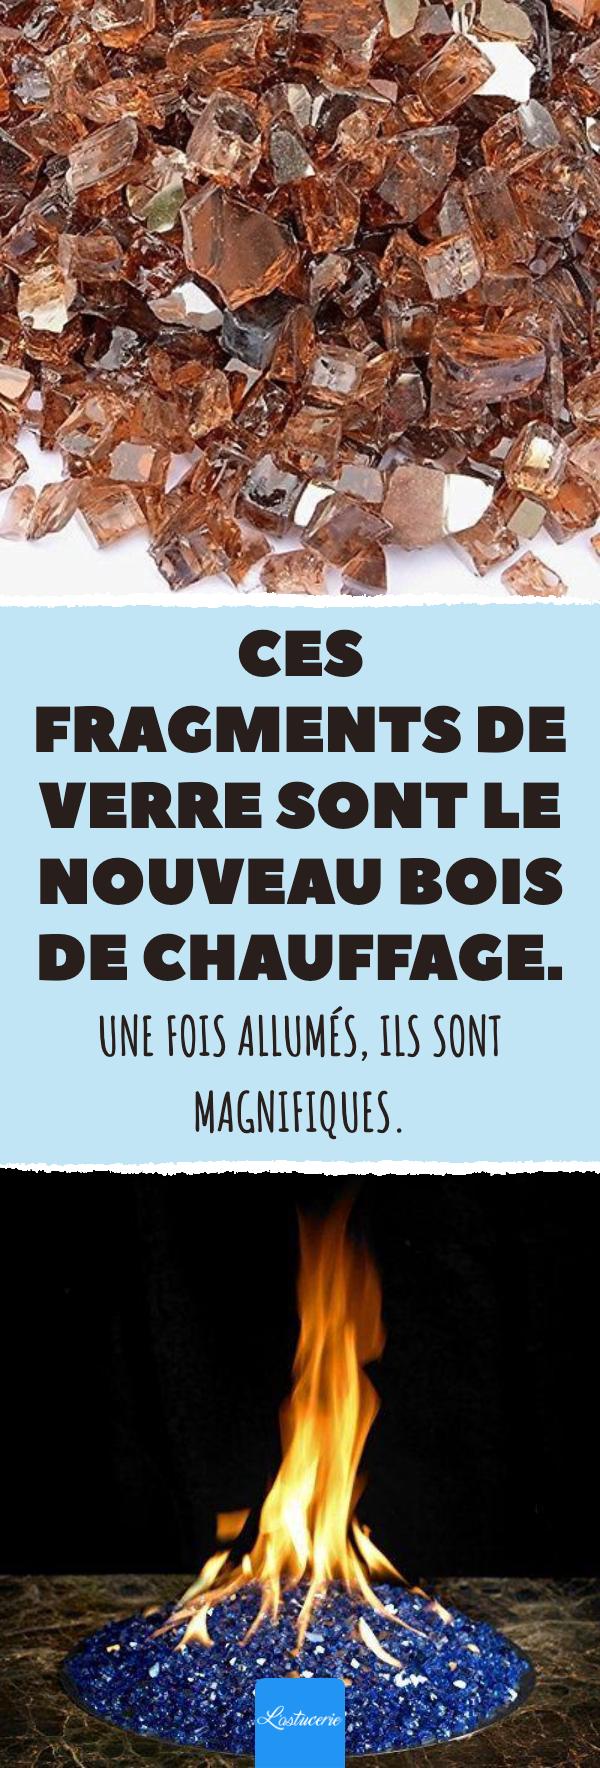 Ces Fragments De Verre Sont Le Nouveau Bois De Chauffage